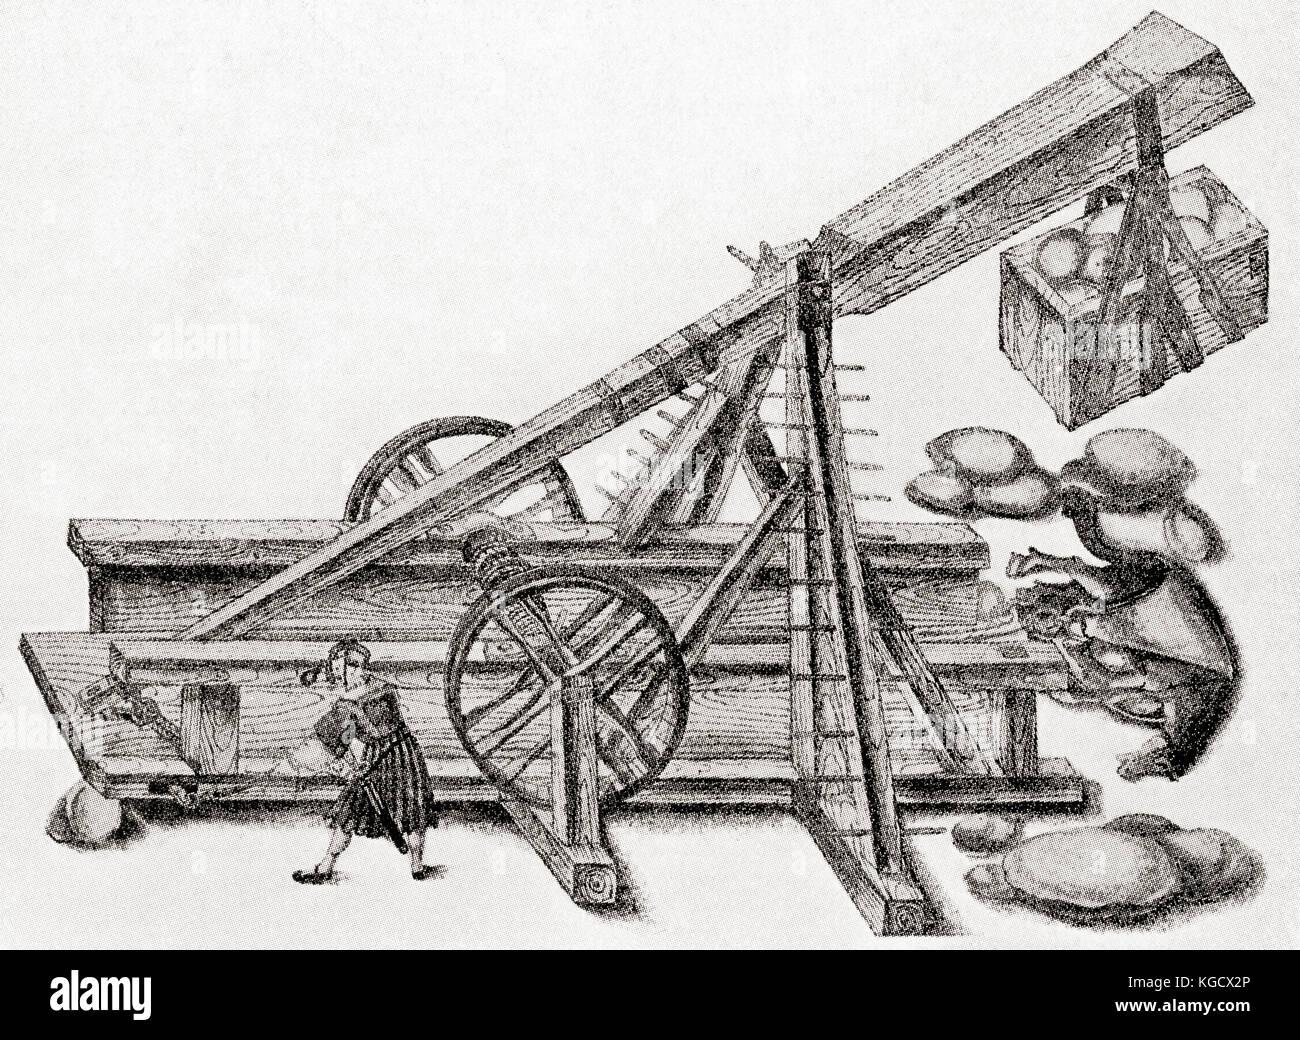 Una catapulta utilizadas por el ejército de maximilan i. Esta máquina de madera fue utilizado para arrojar Imagen De Stock